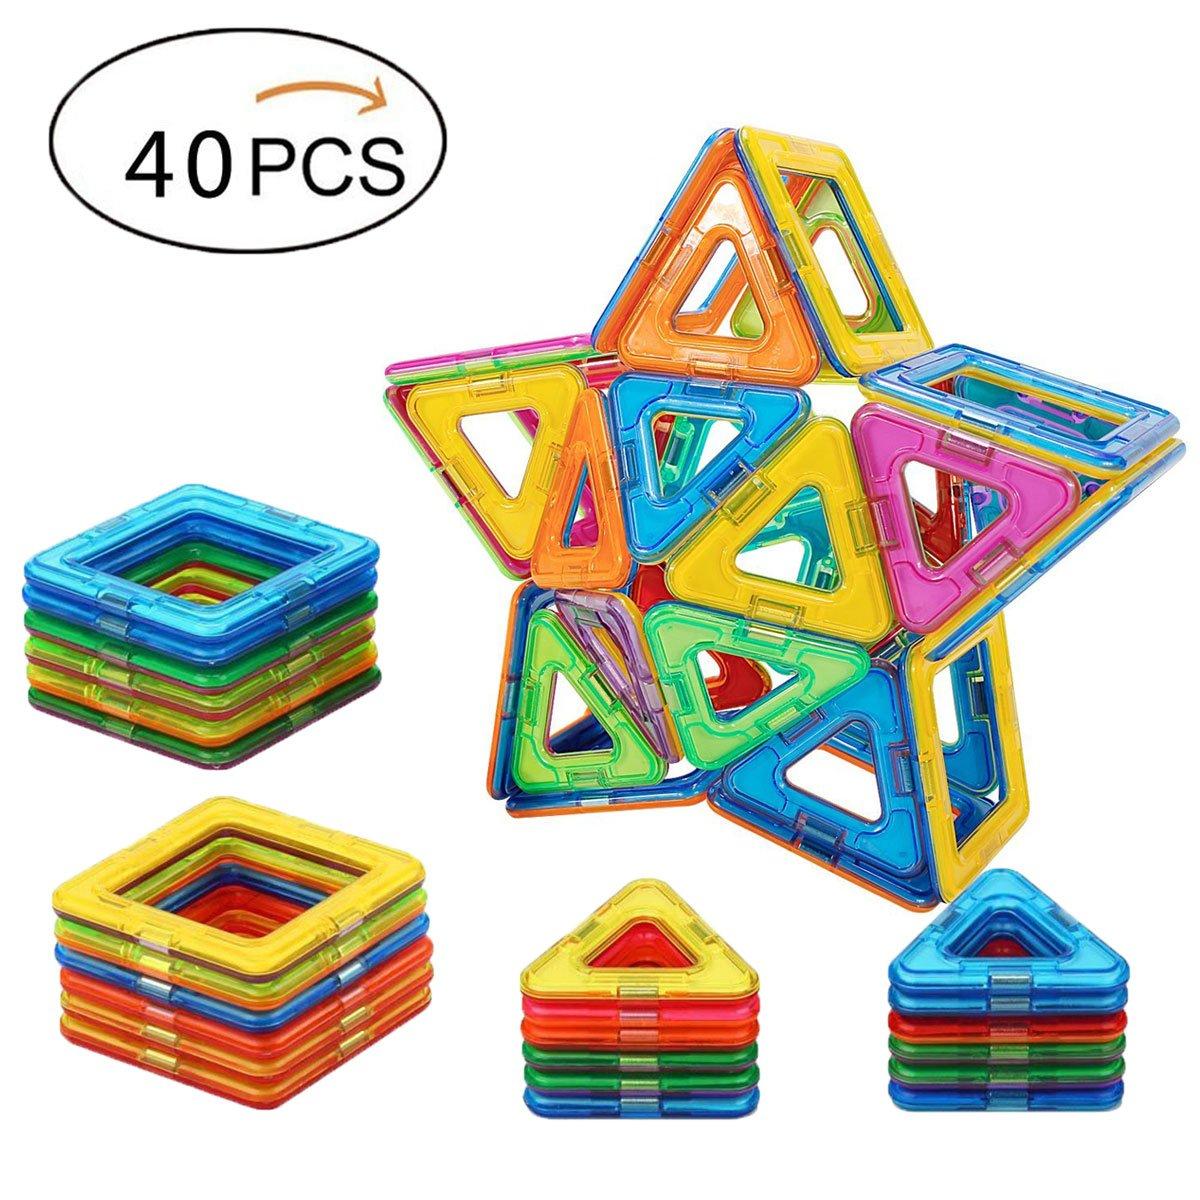 【メーカー公式ショップ】 Babite 40個磁気建物ブロックマグネットタイルConstruction Set教育Stacking Toys for Babite Kids for & Toddlers Toys withストレージボックス B072KGHHXR, パーツショップ アドバンス:b37da3dd --- dou13magadan.ru